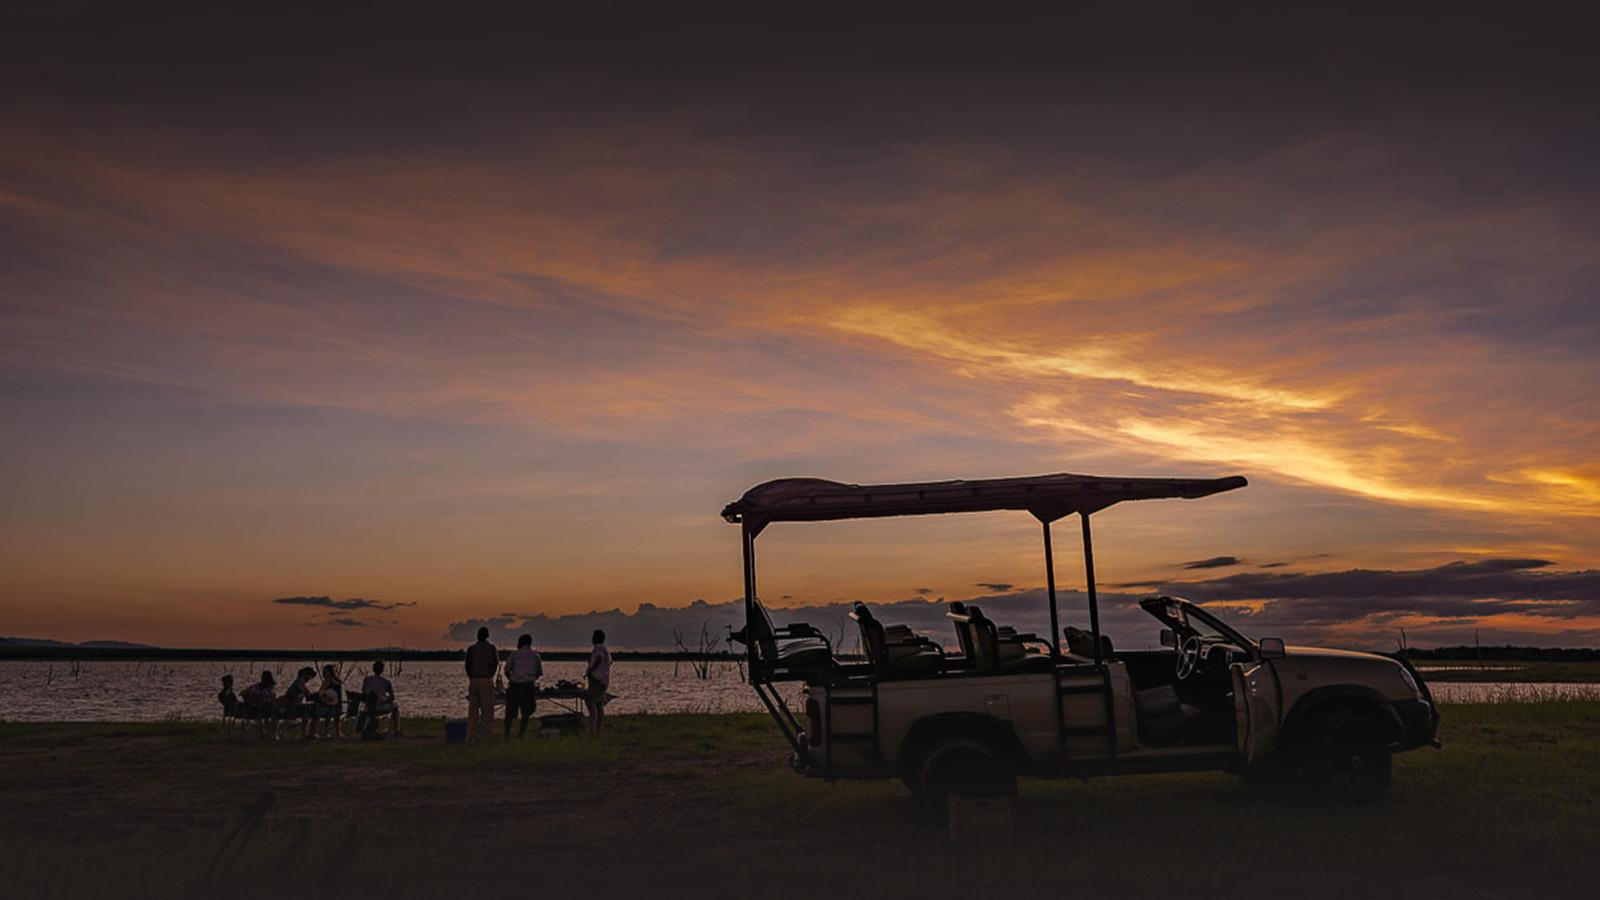 changa safari camp lake-kariba-zimbabwe-sundowners